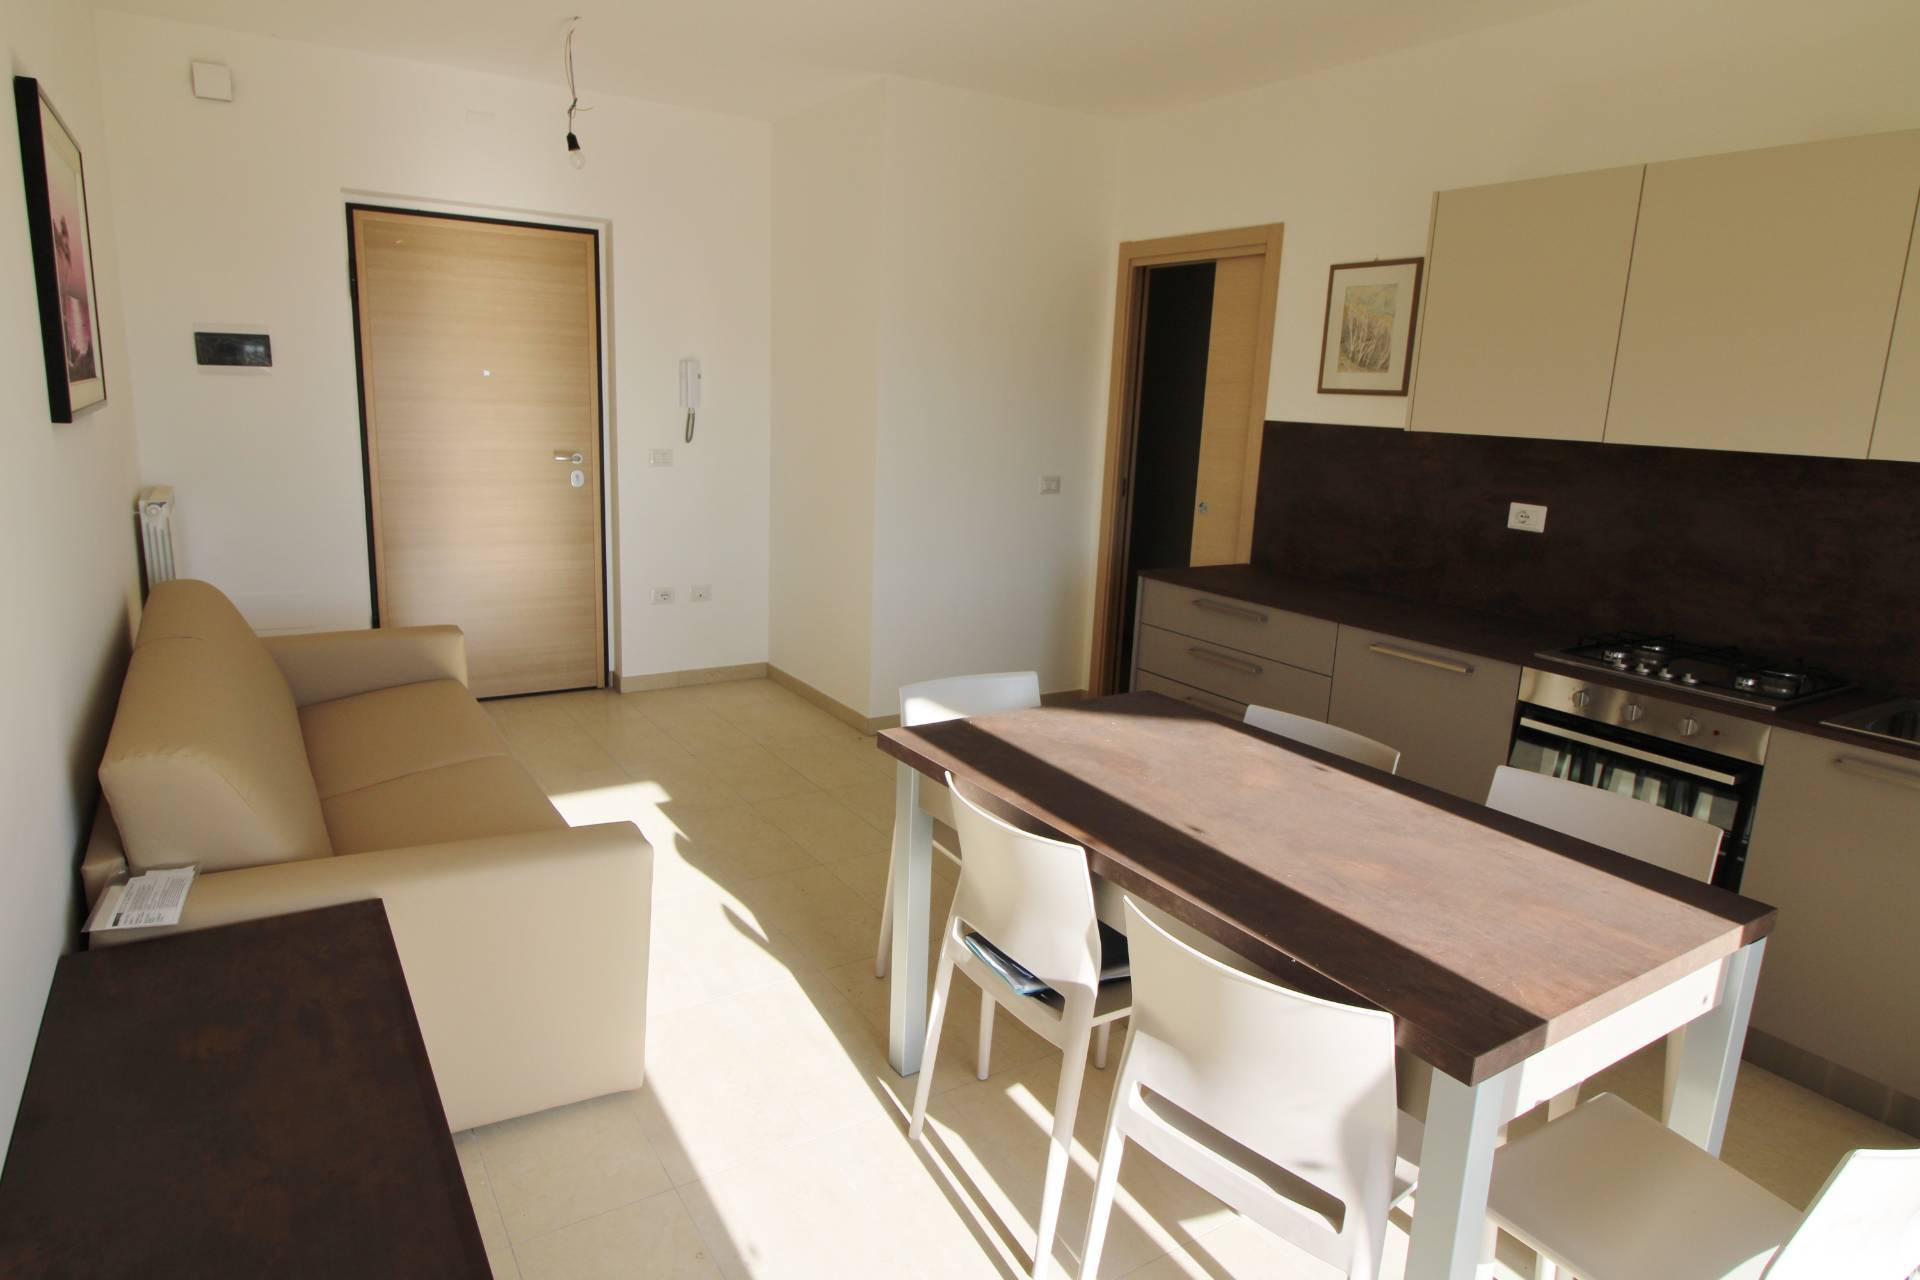 Appartamento in vendita a Colonnella, 3 locali, prezzo € 116.000 | PortaleAgenzieImmobiliari.it